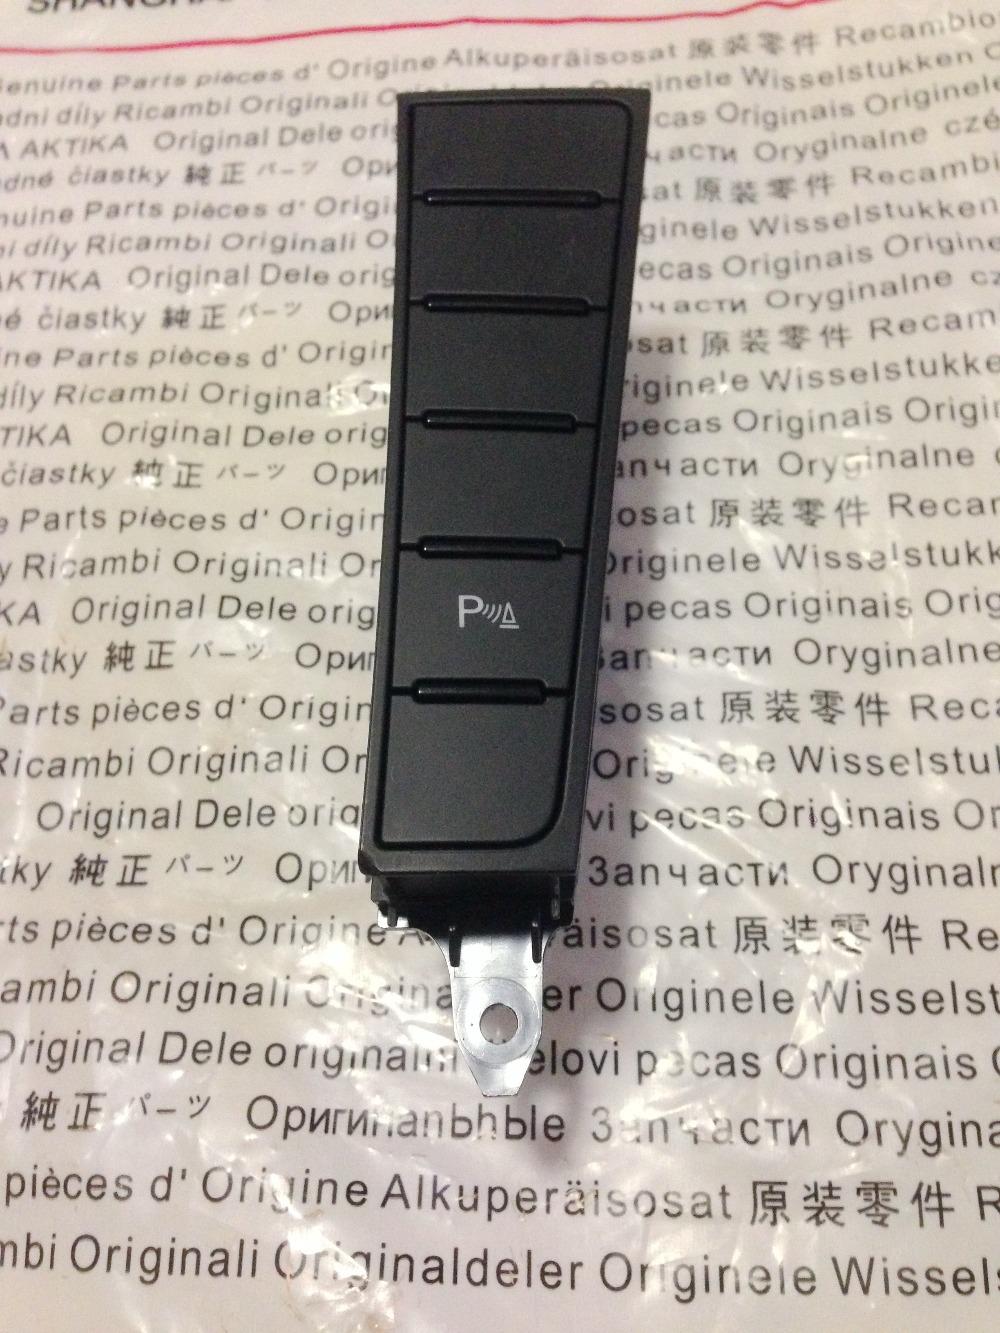 VW Volkswagen Passat B7 Parking Button Switch 3AD 927 238